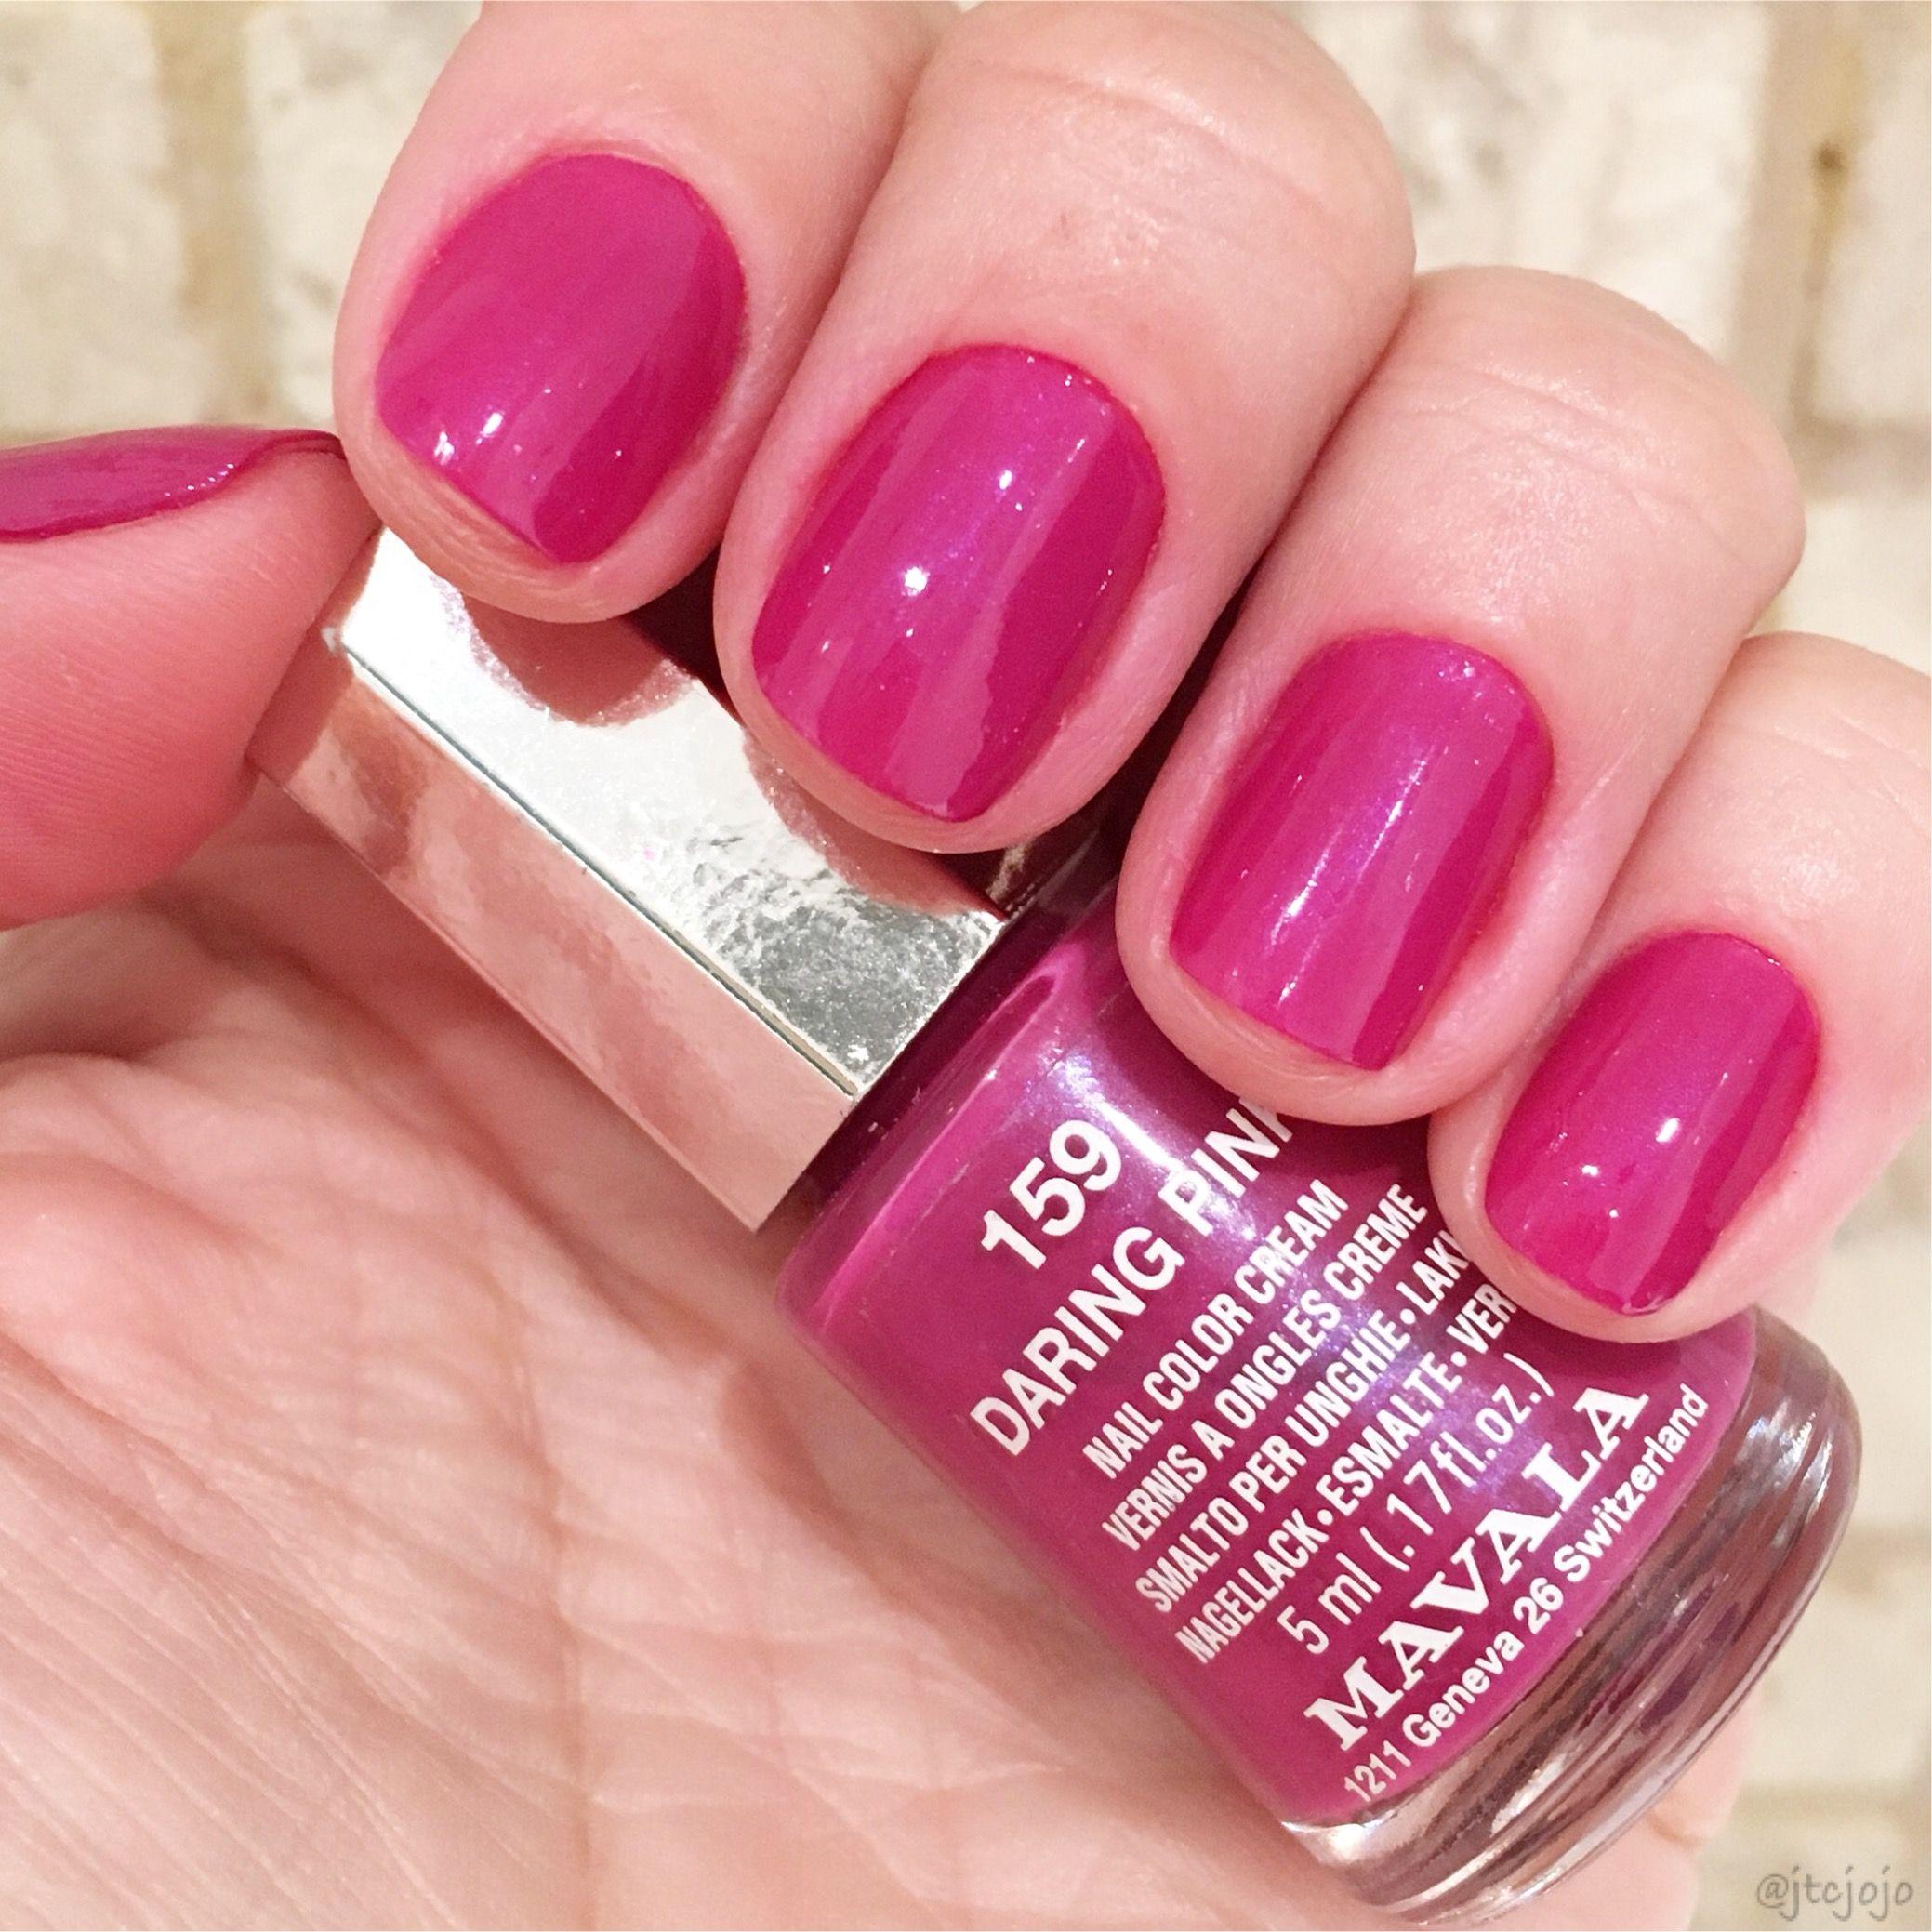 Daring Pink 159 Mavala Nail Polish Nail Polish Collection Mavala